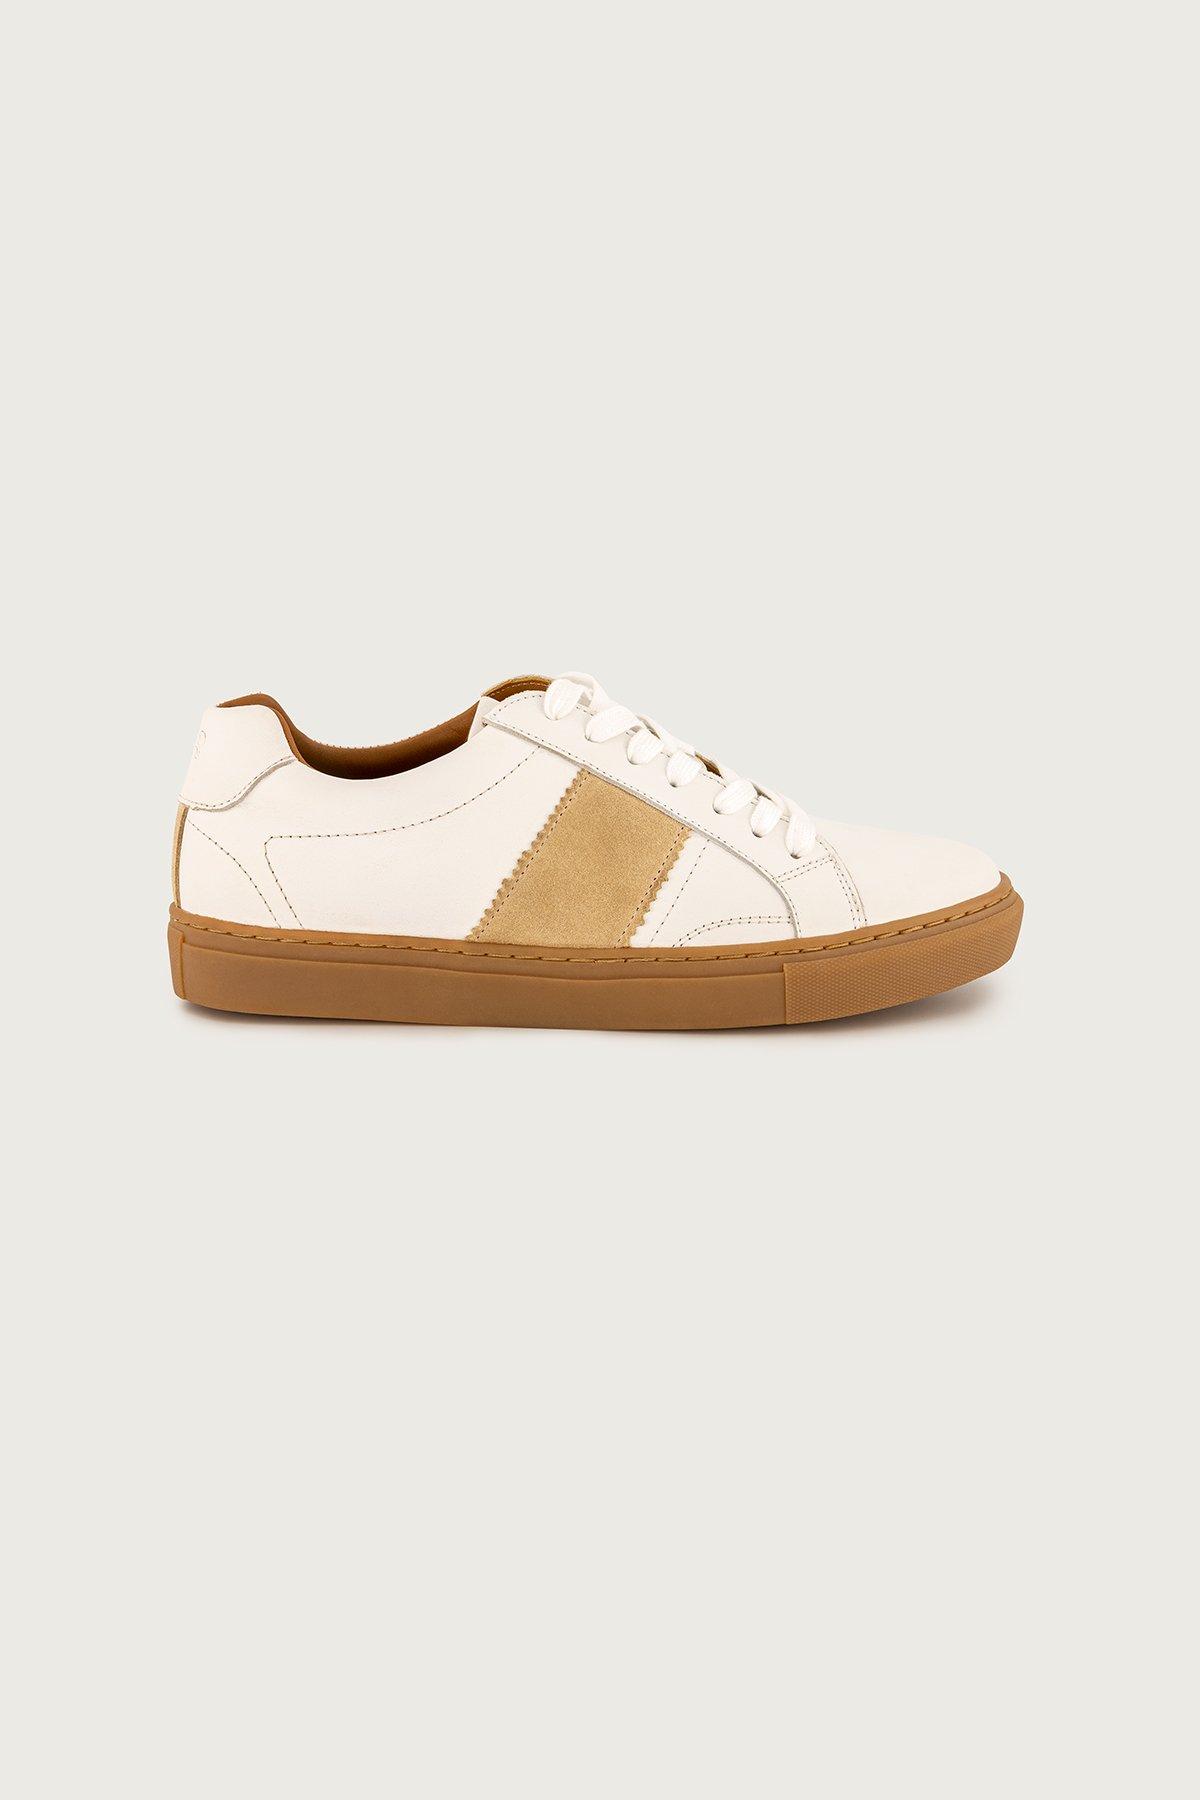 Sneakers Calderoni, modelo Sicilia, cuero vacuno color blanco.